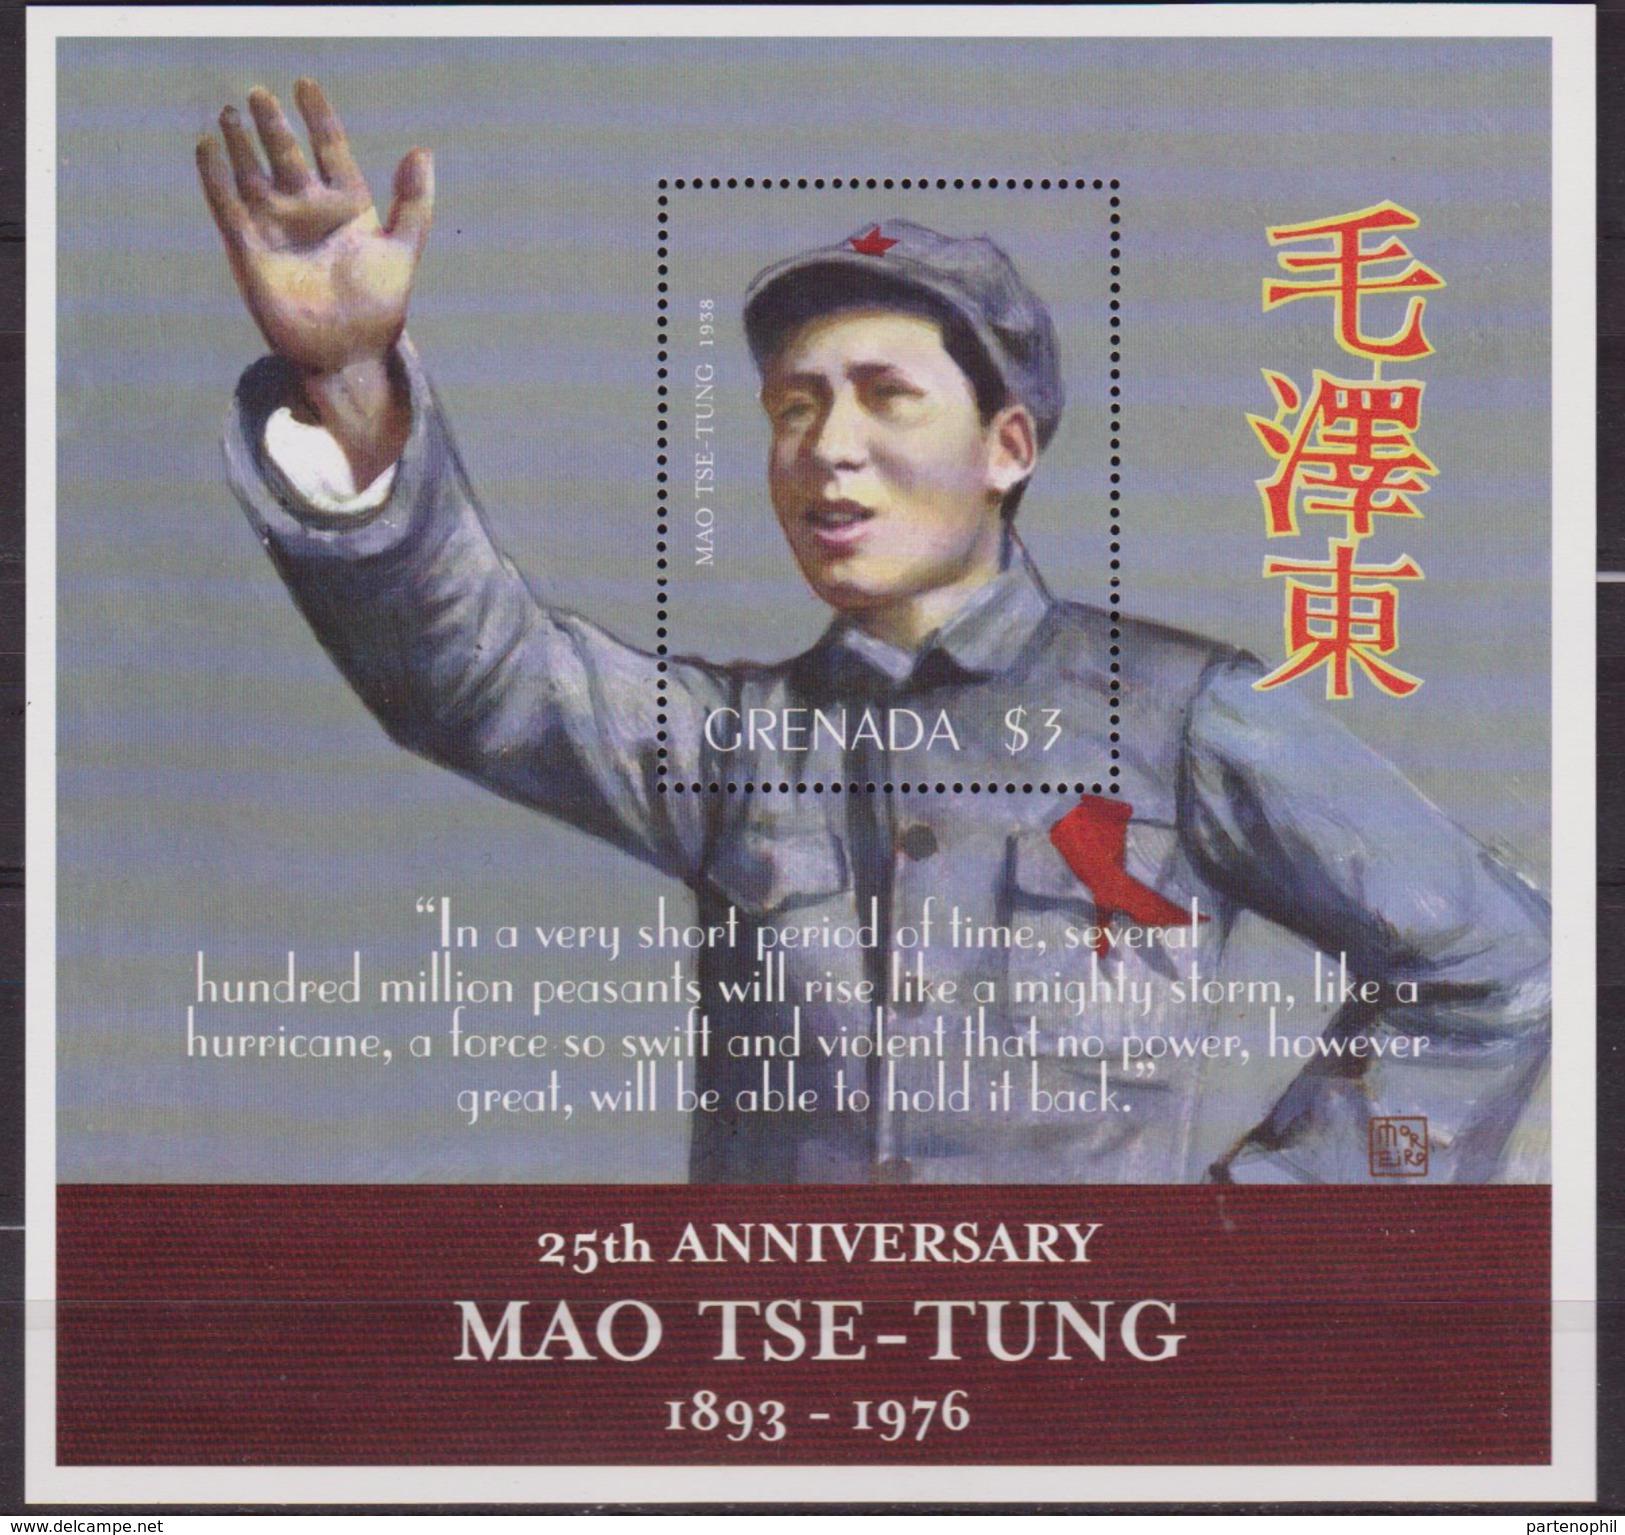 GRENADA MAO TSE TUNG MNH SHEET MNH - Mao Tse-Tung